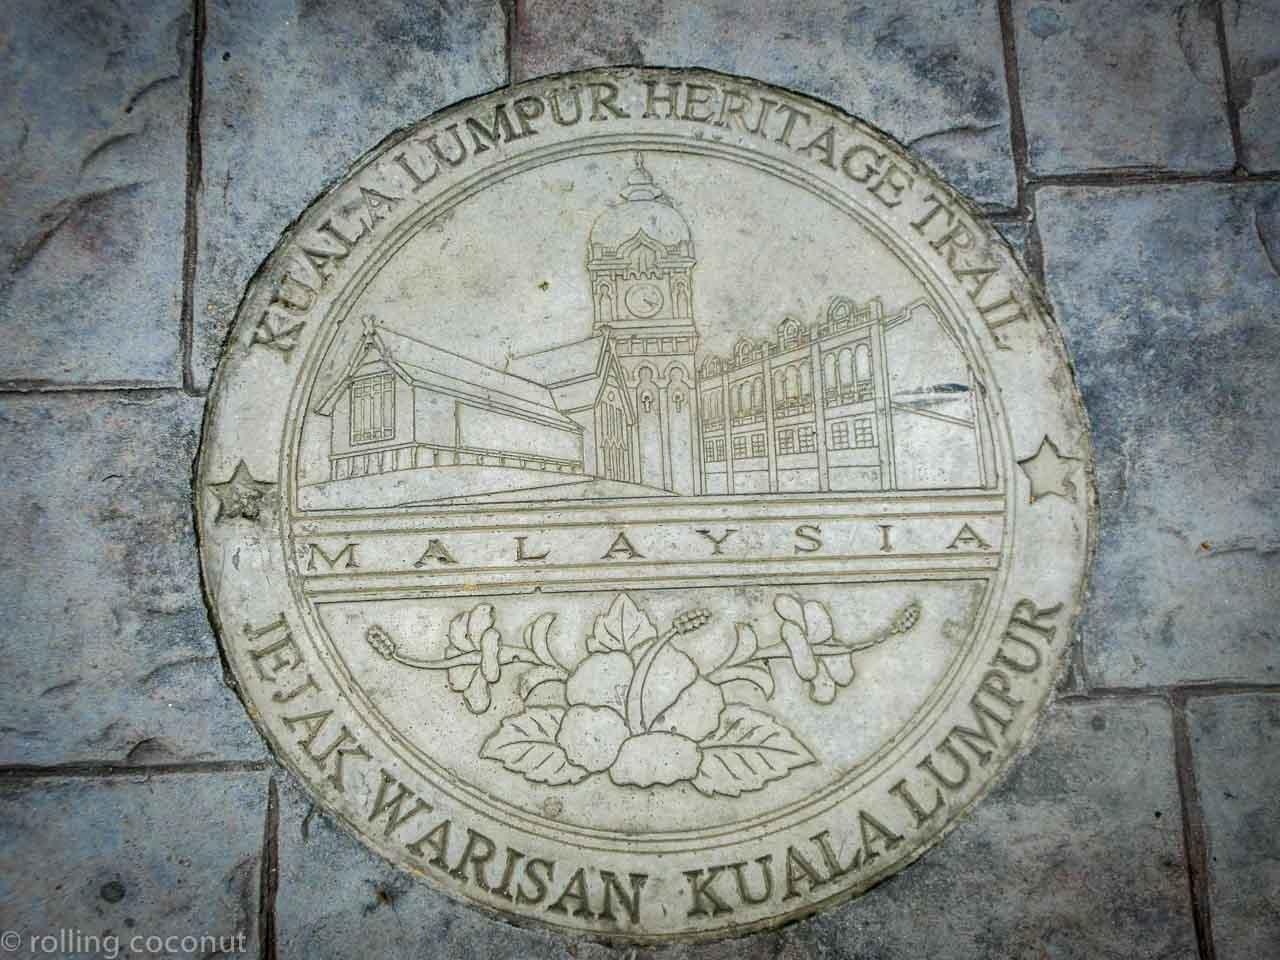 Street Emblem in Kuala Lumpur Malaysia